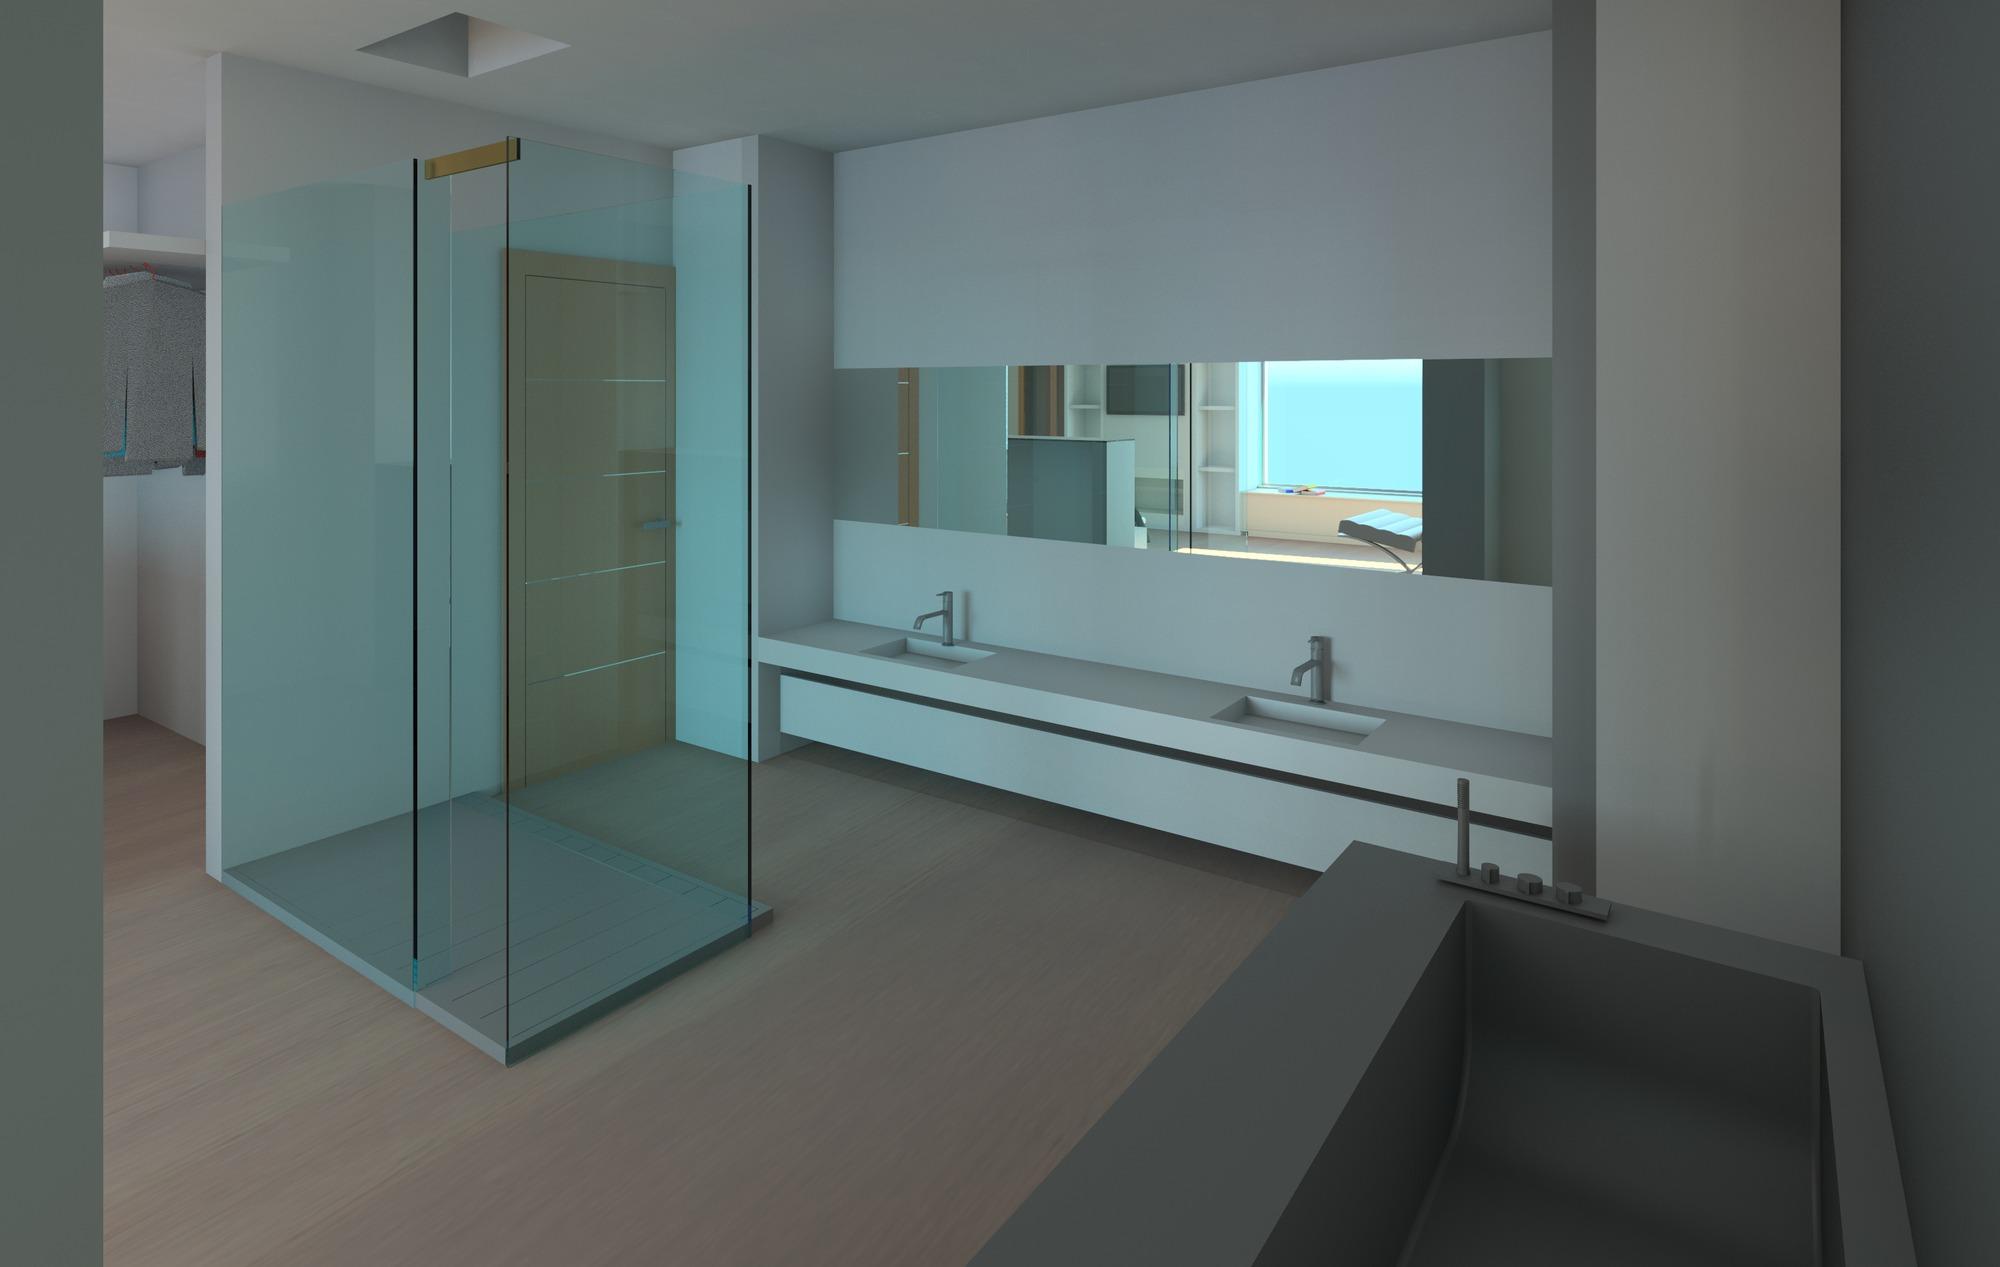 Raas-rendering20150429-29769-15jhmnx